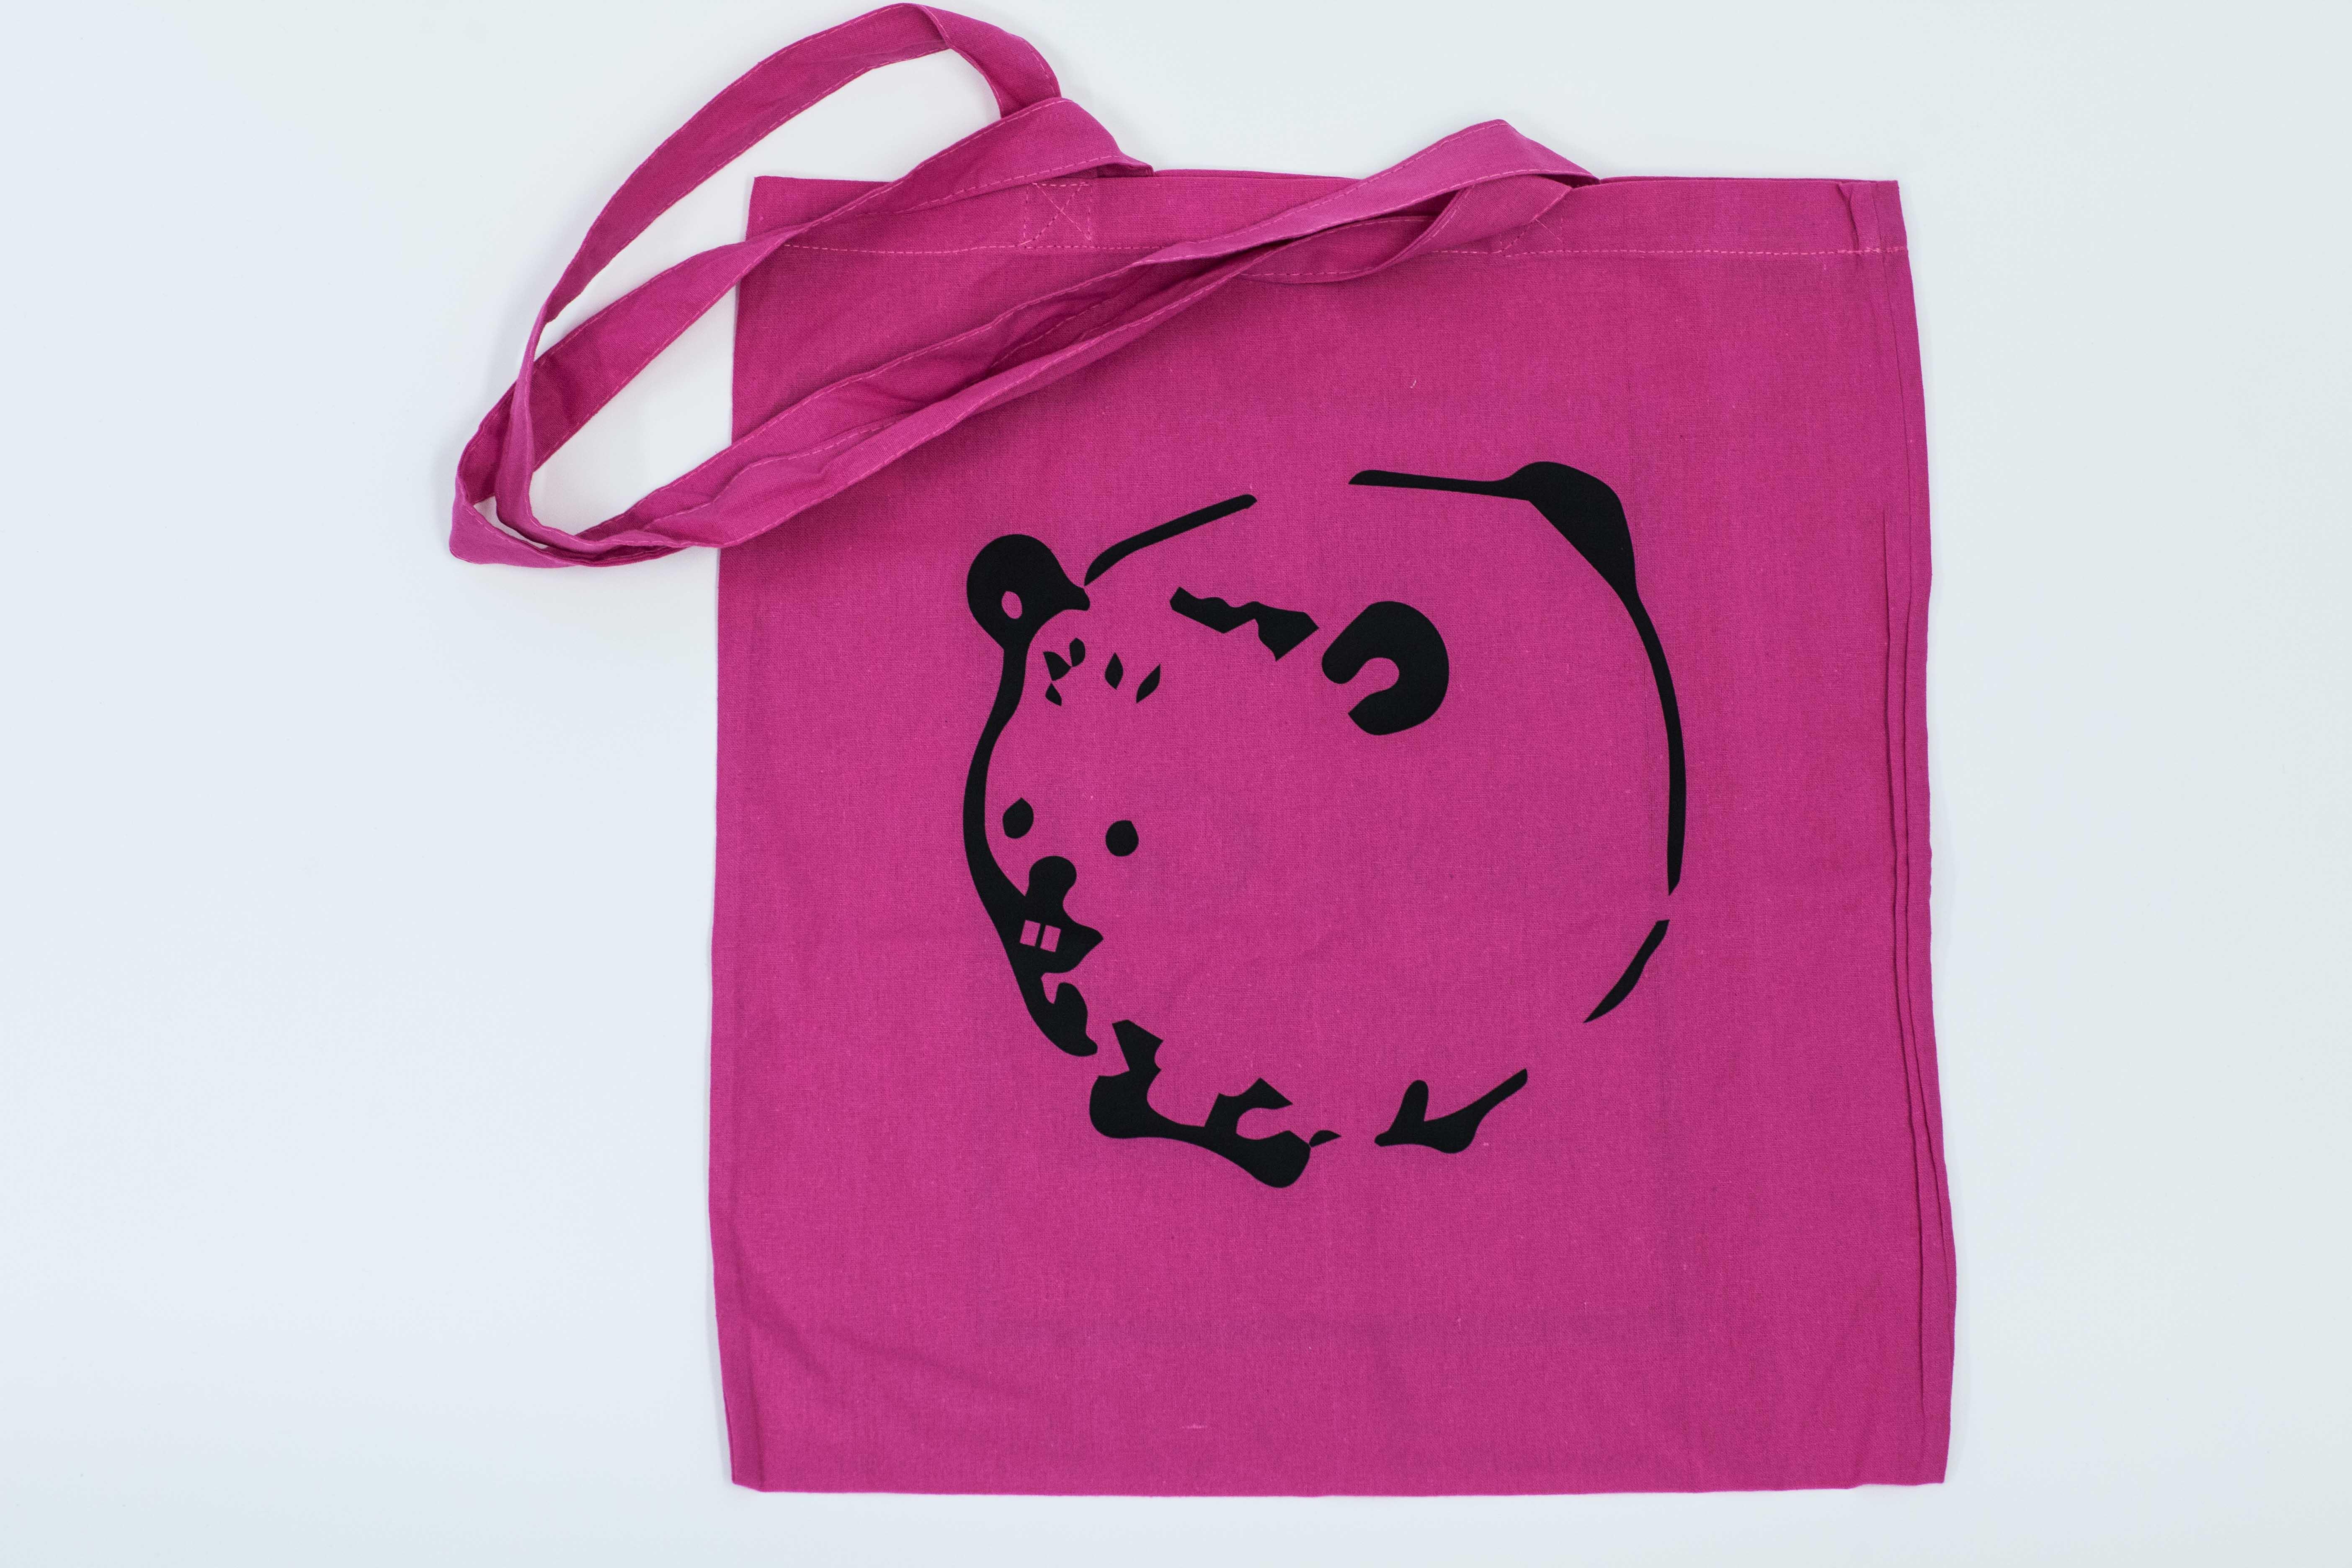 Magenta bag with a vinyl cut process